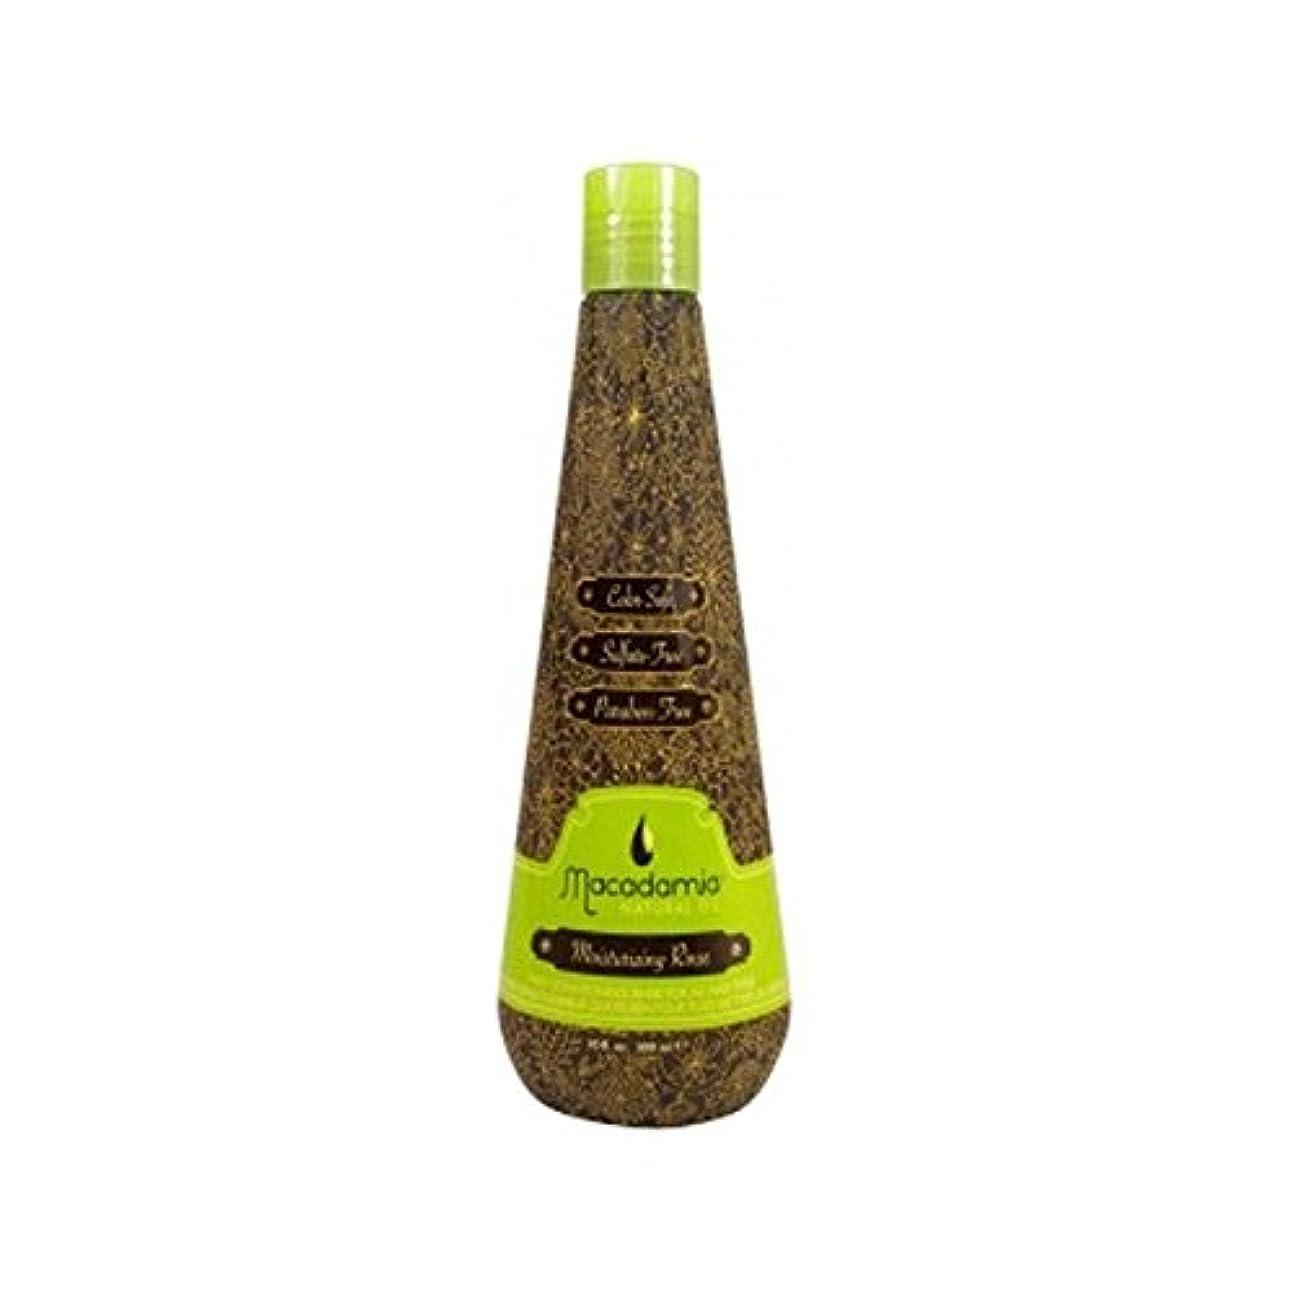 スプーンサミット歴史マカダミア保湿リンス(300ミリリットル) x4 - Macadamia Moisturising Rinse (300ml) (Pack of 4) [並行輸入品]